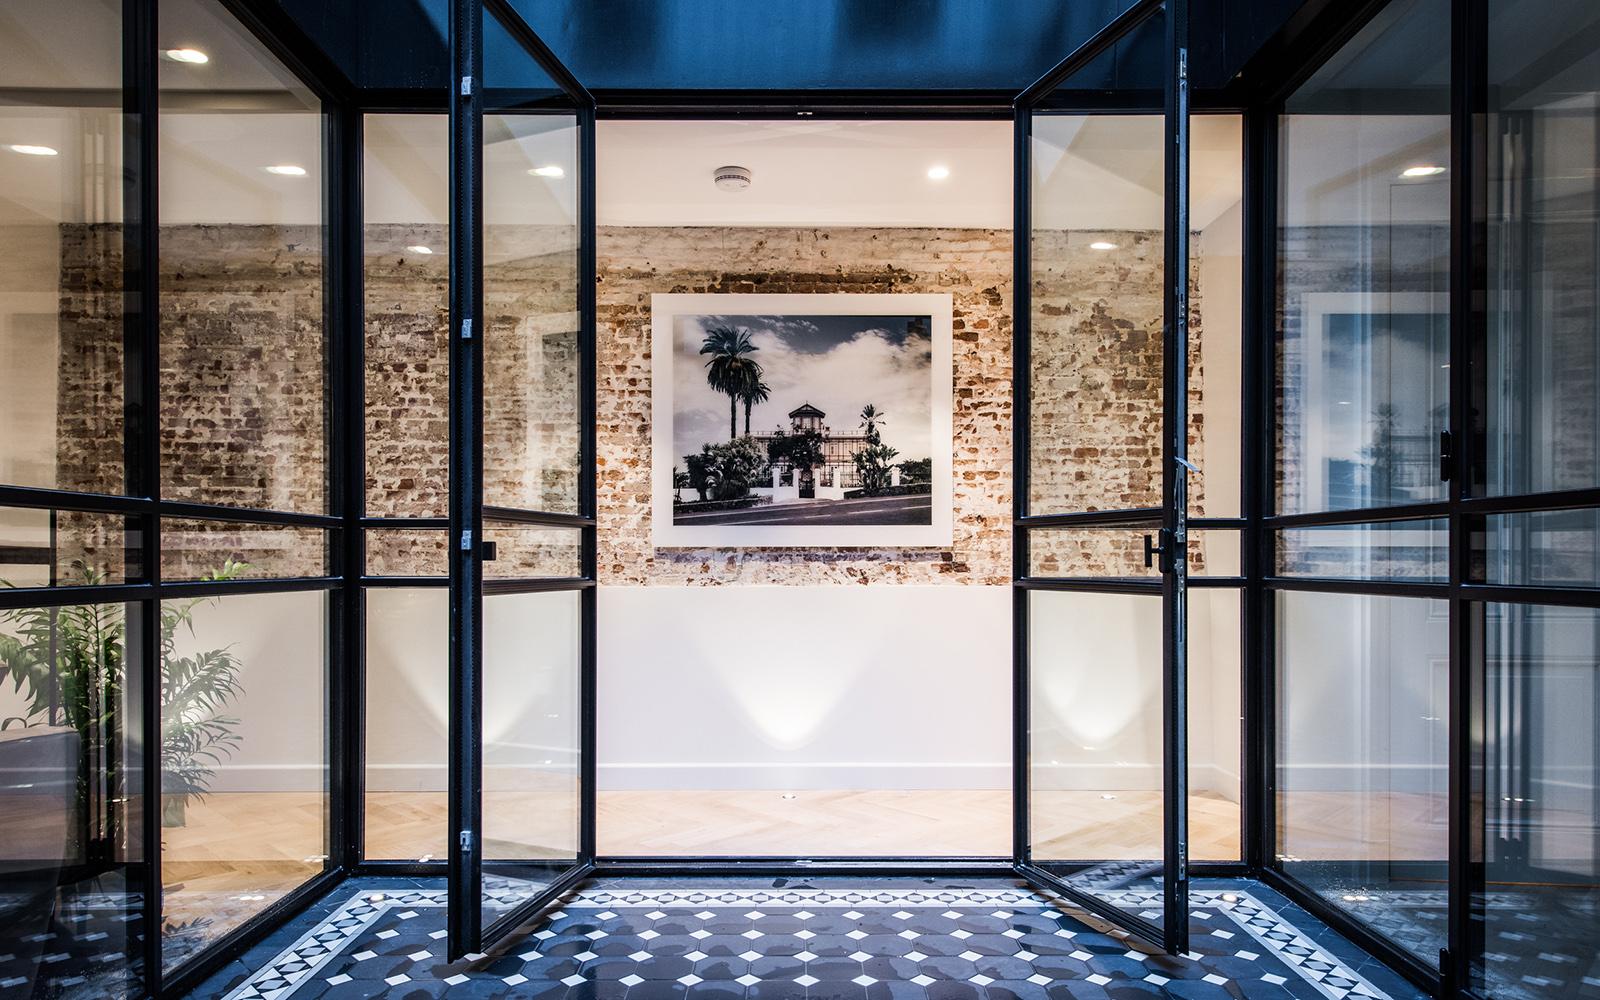 Amsterdam, Terras, tegels, authentiek, ramen, stalen deuren, studio co, co van der horst, broersma makelaardij, Zuiver Vastgoed, Prinseneiland 93